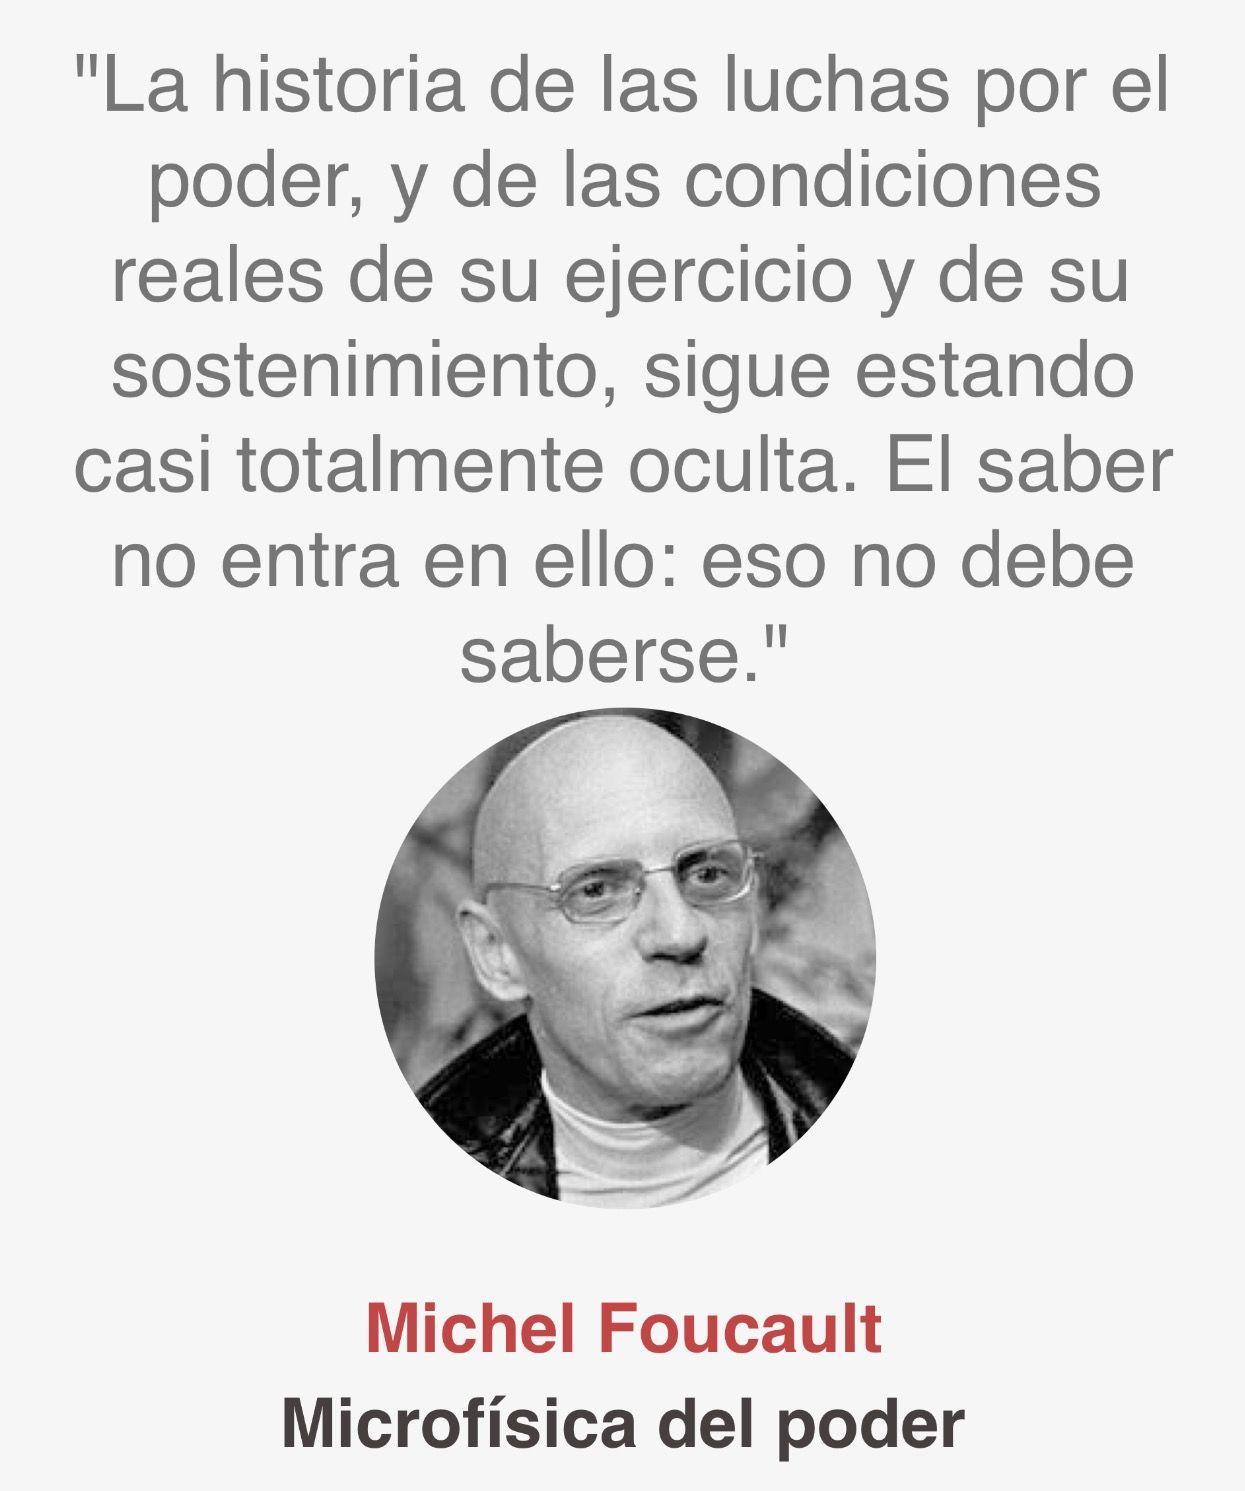 Michel Foucault Frases De Educacion Frases Literatura Y